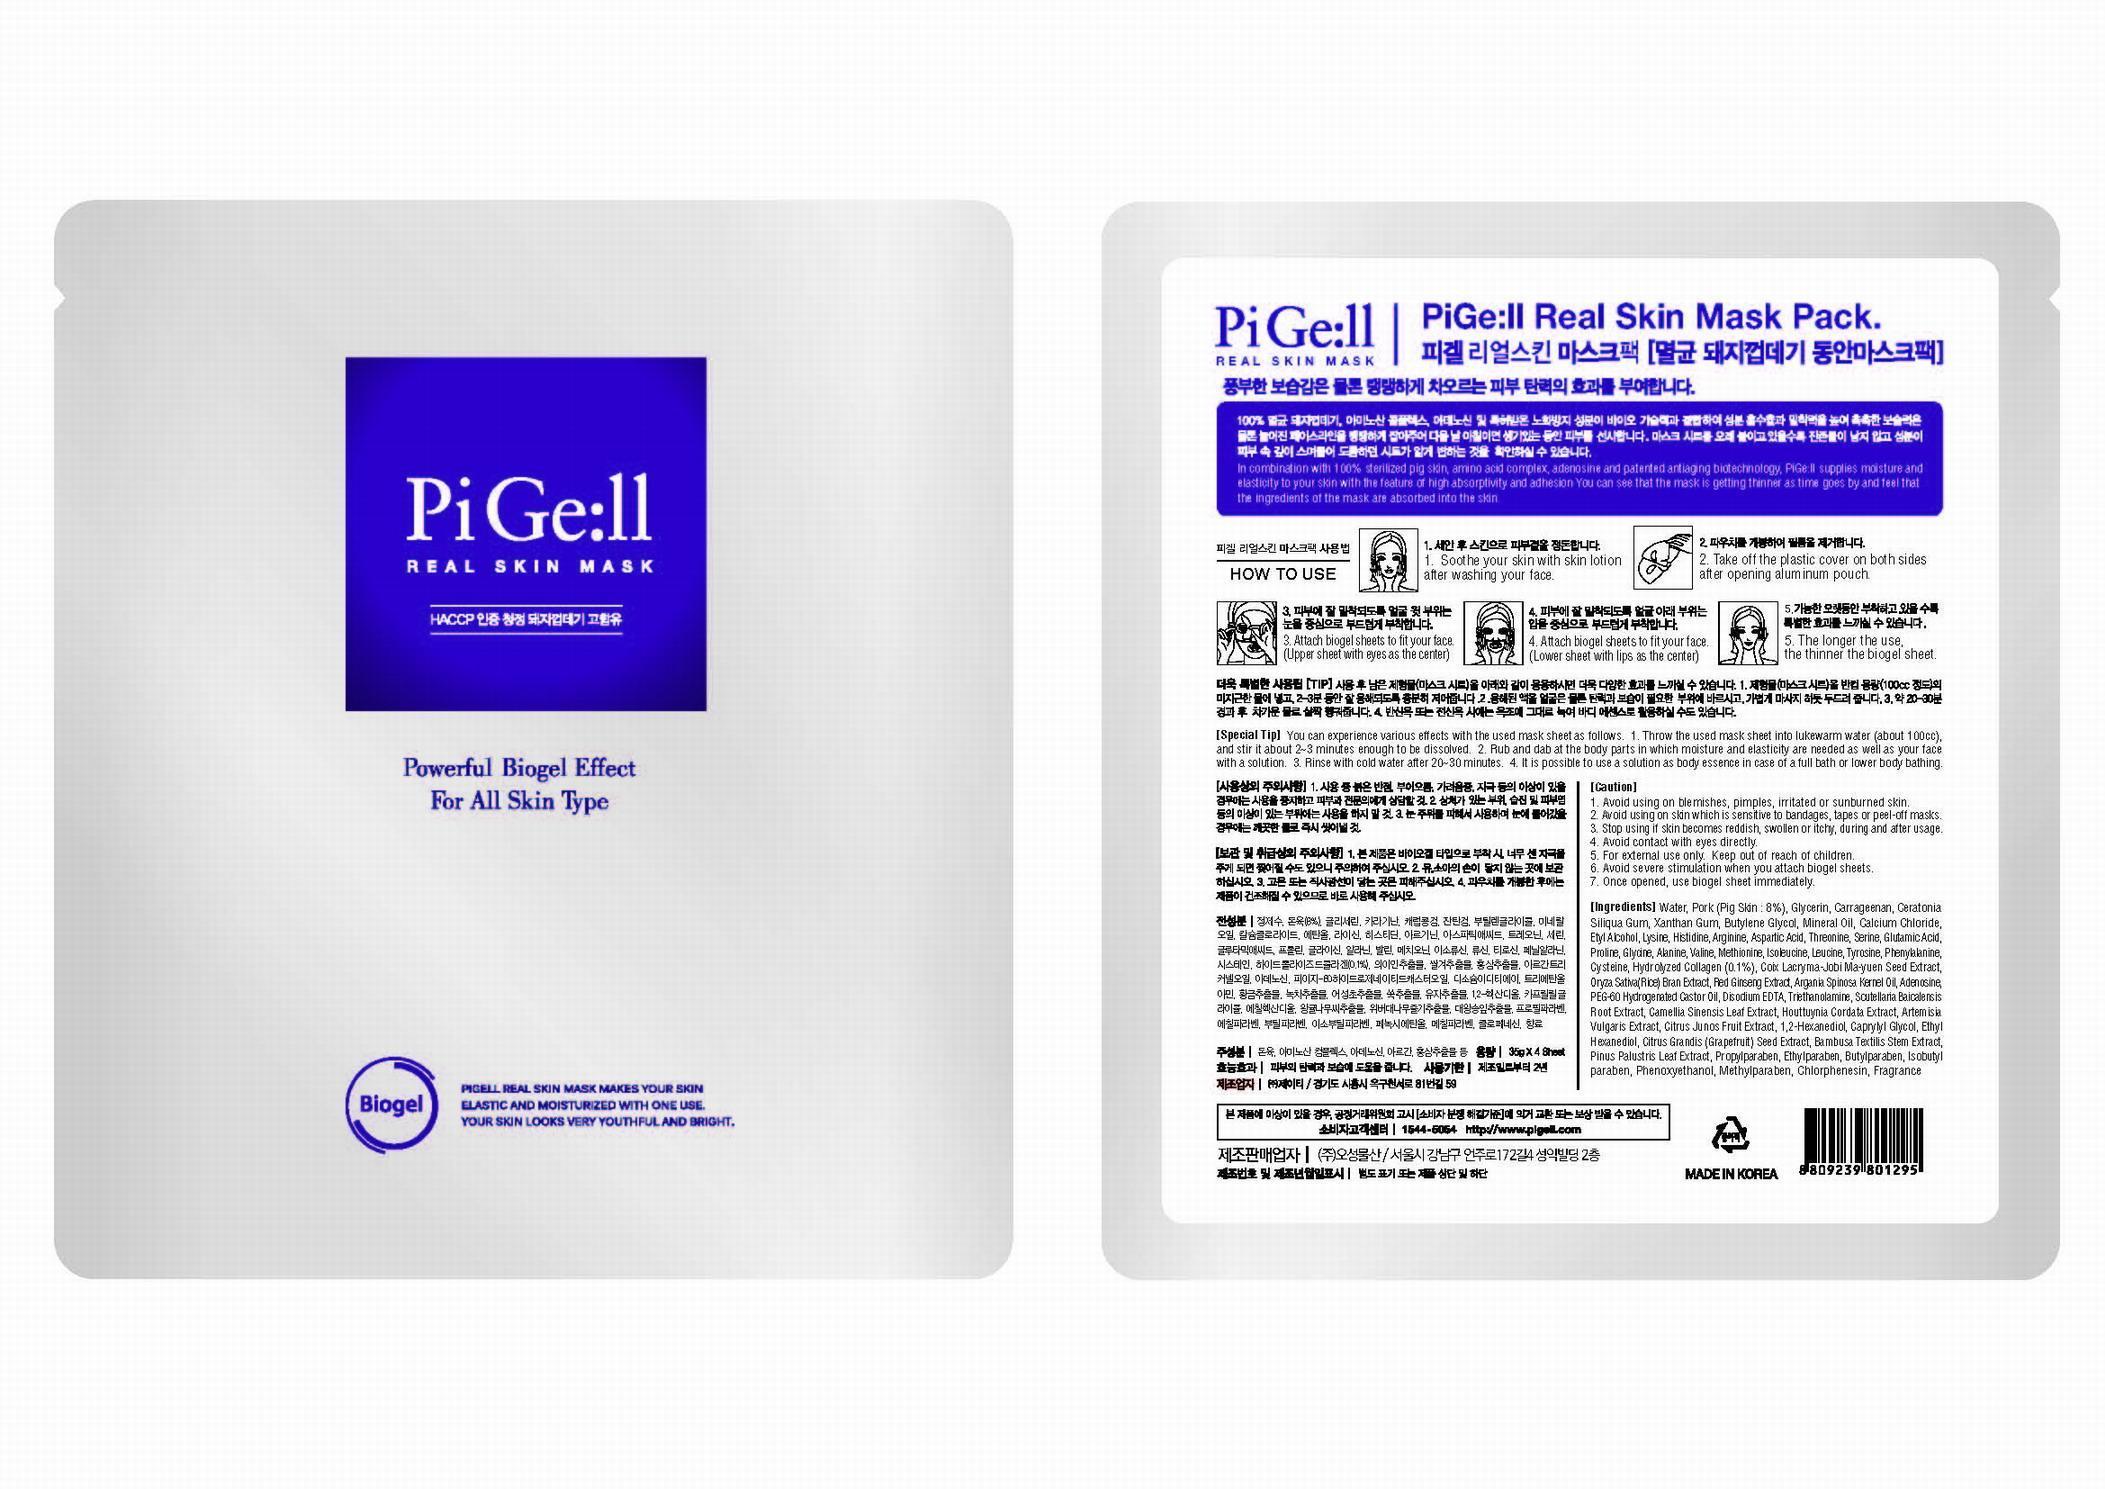 Pige Ll Real Skin Mask Pack (Sus Scrofa Skin) Liquid [Osung Co., Ltd]